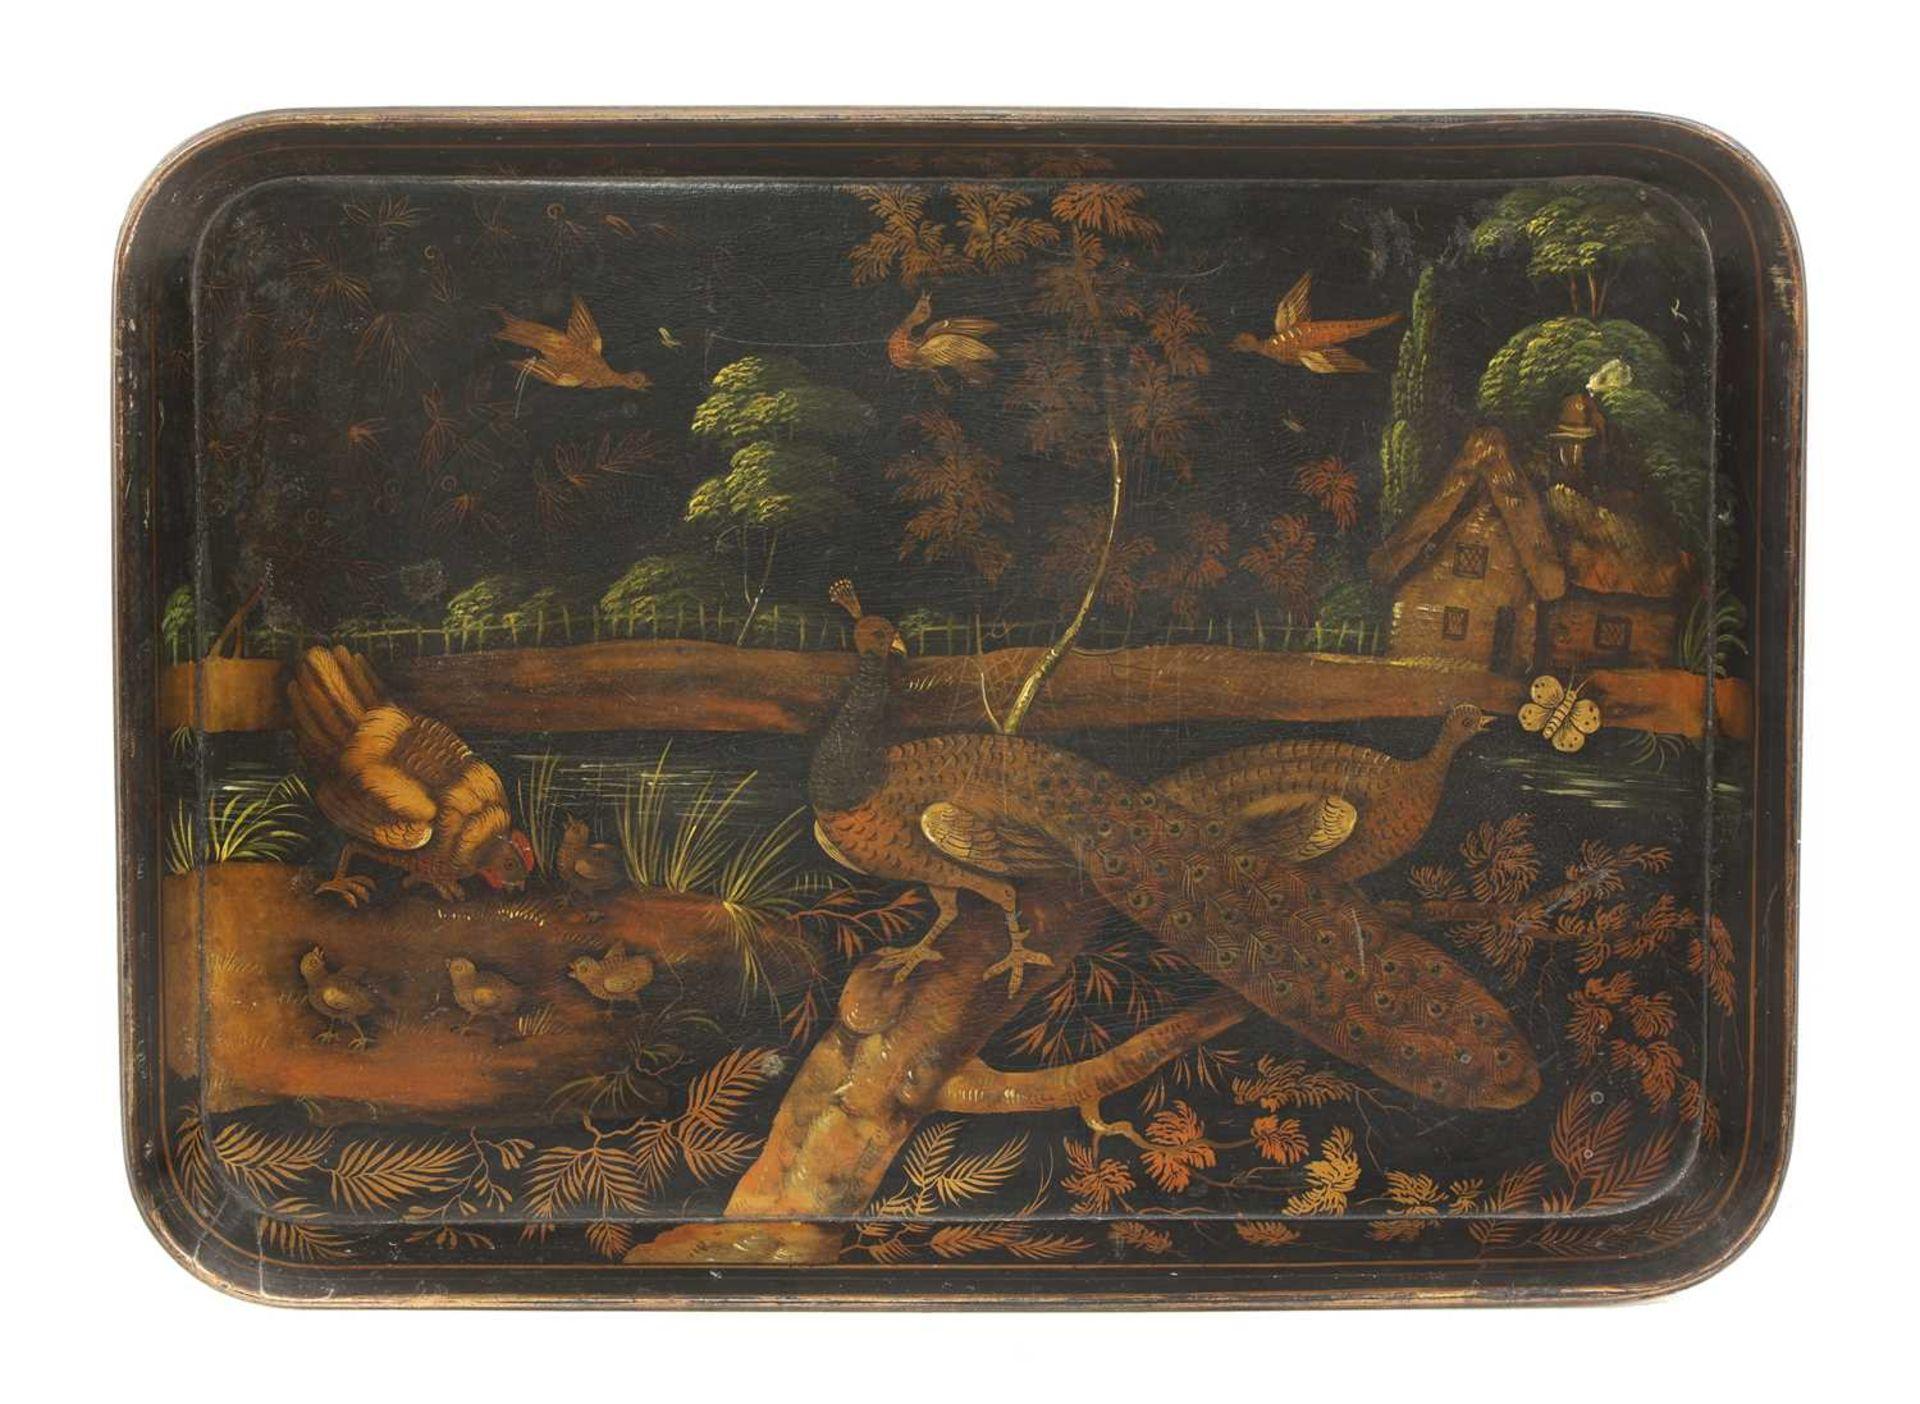 A Regency papier mâché lacquer tray,